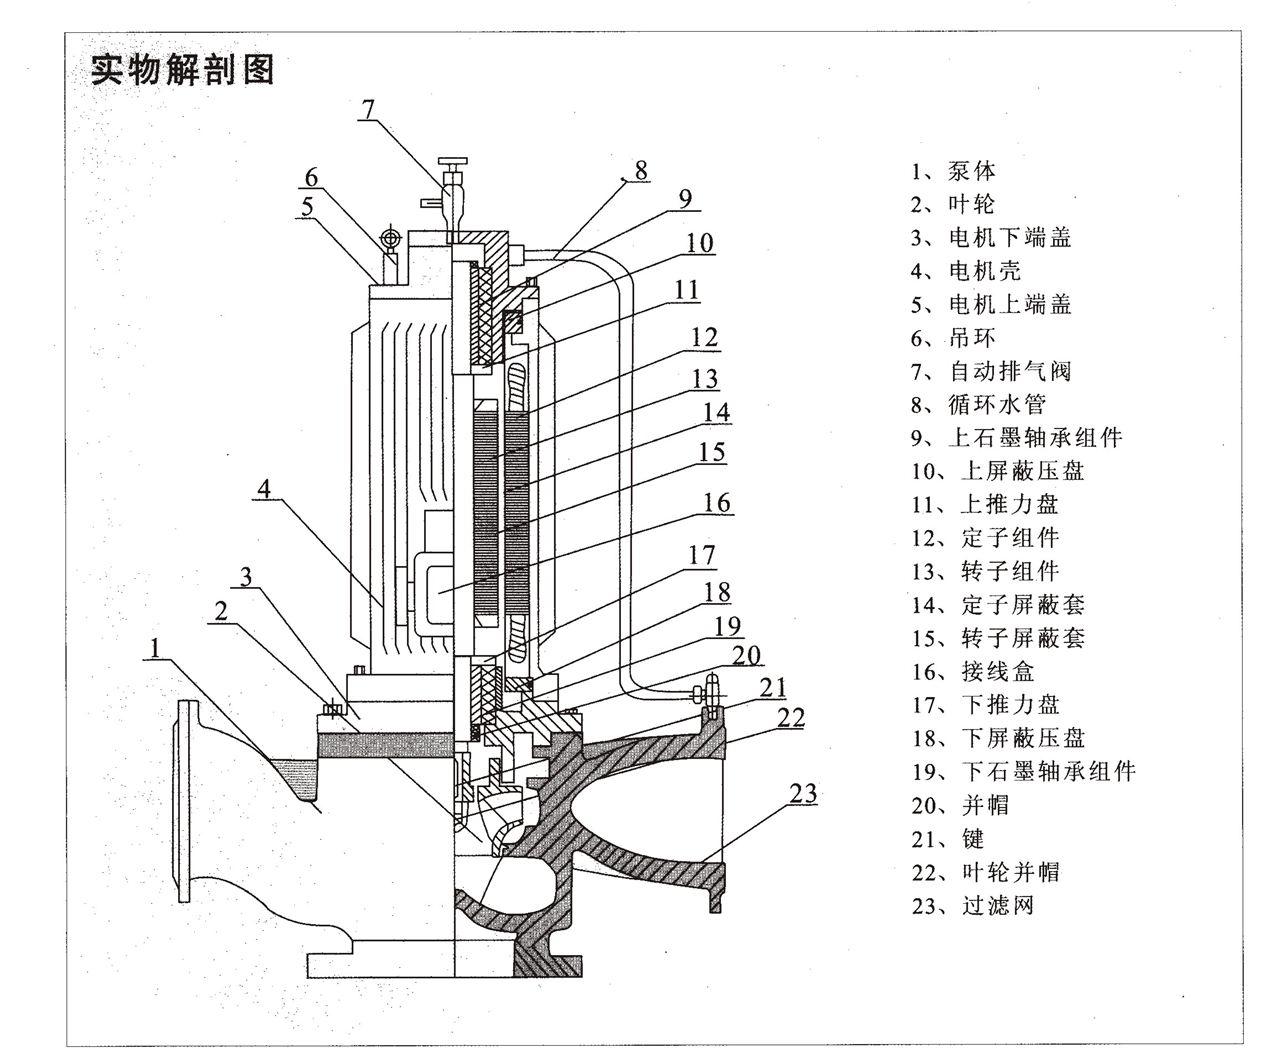 系列屏蔽式管道泵产品结构图